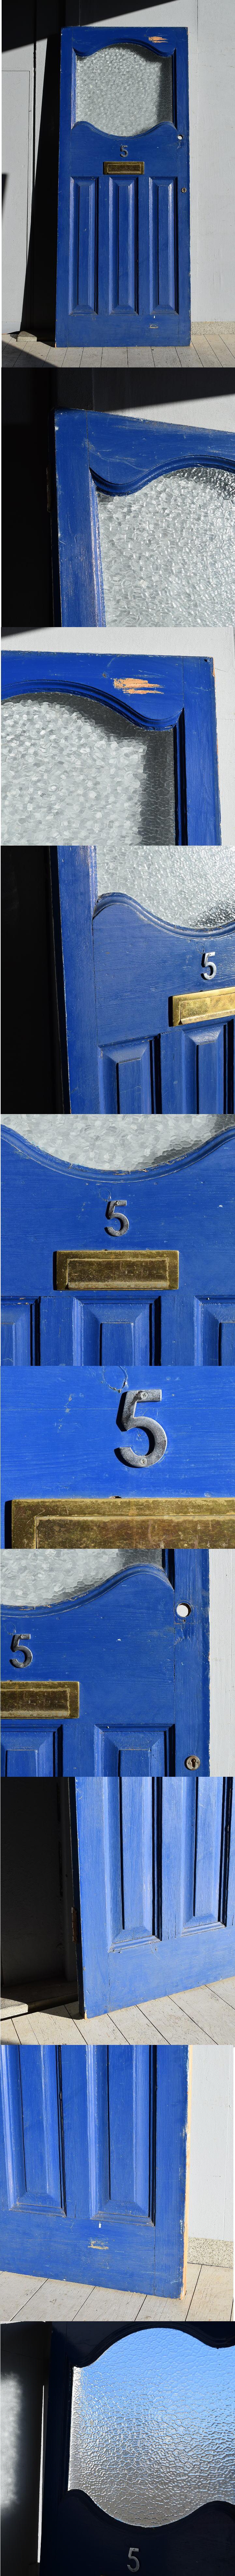 イギリス アンティーク ドア 扉 建具 7603